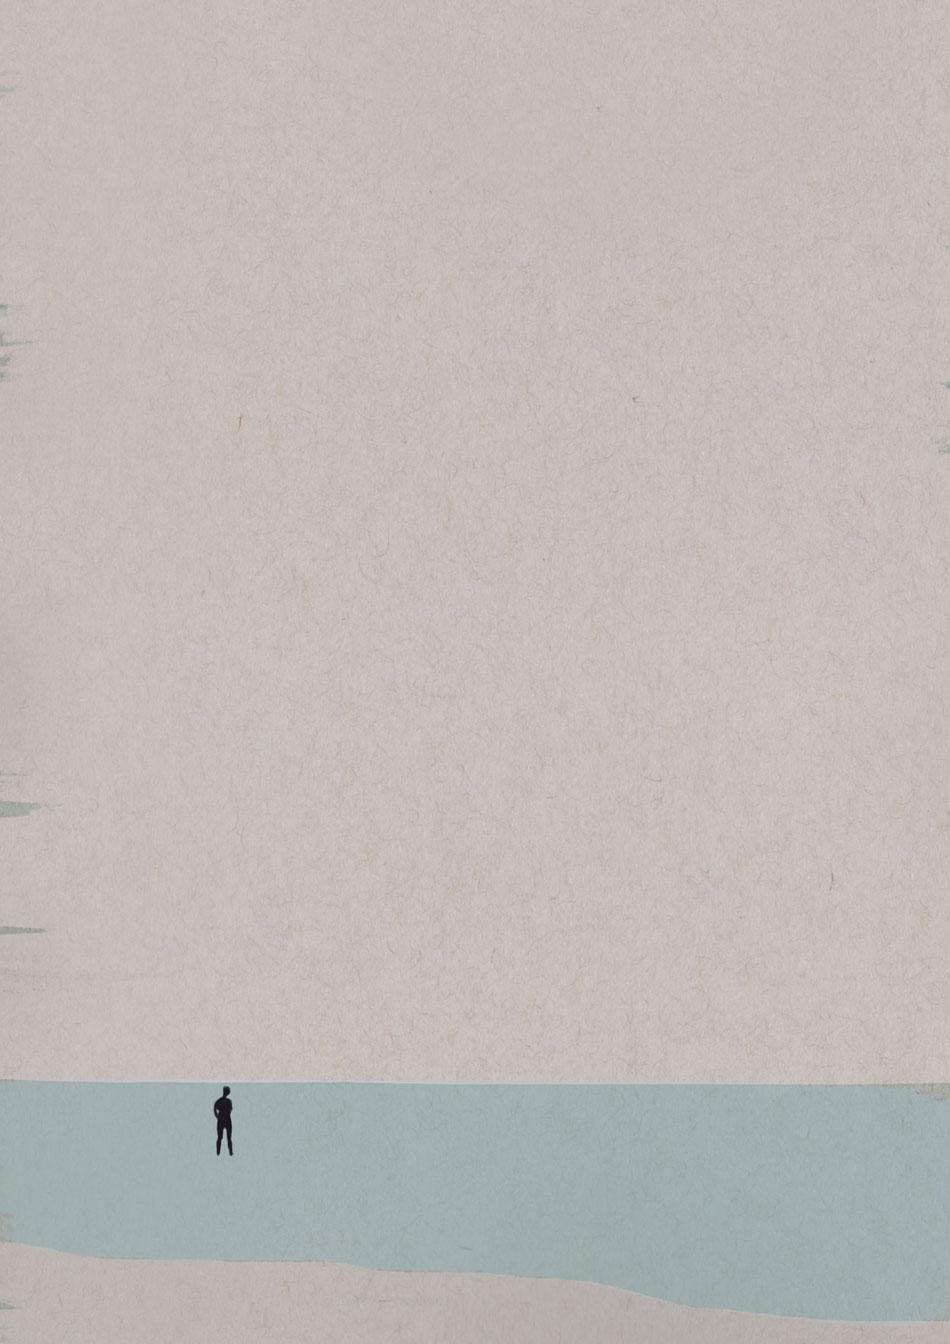 Beach-Life-III-by-Paola-van-der-Hulst